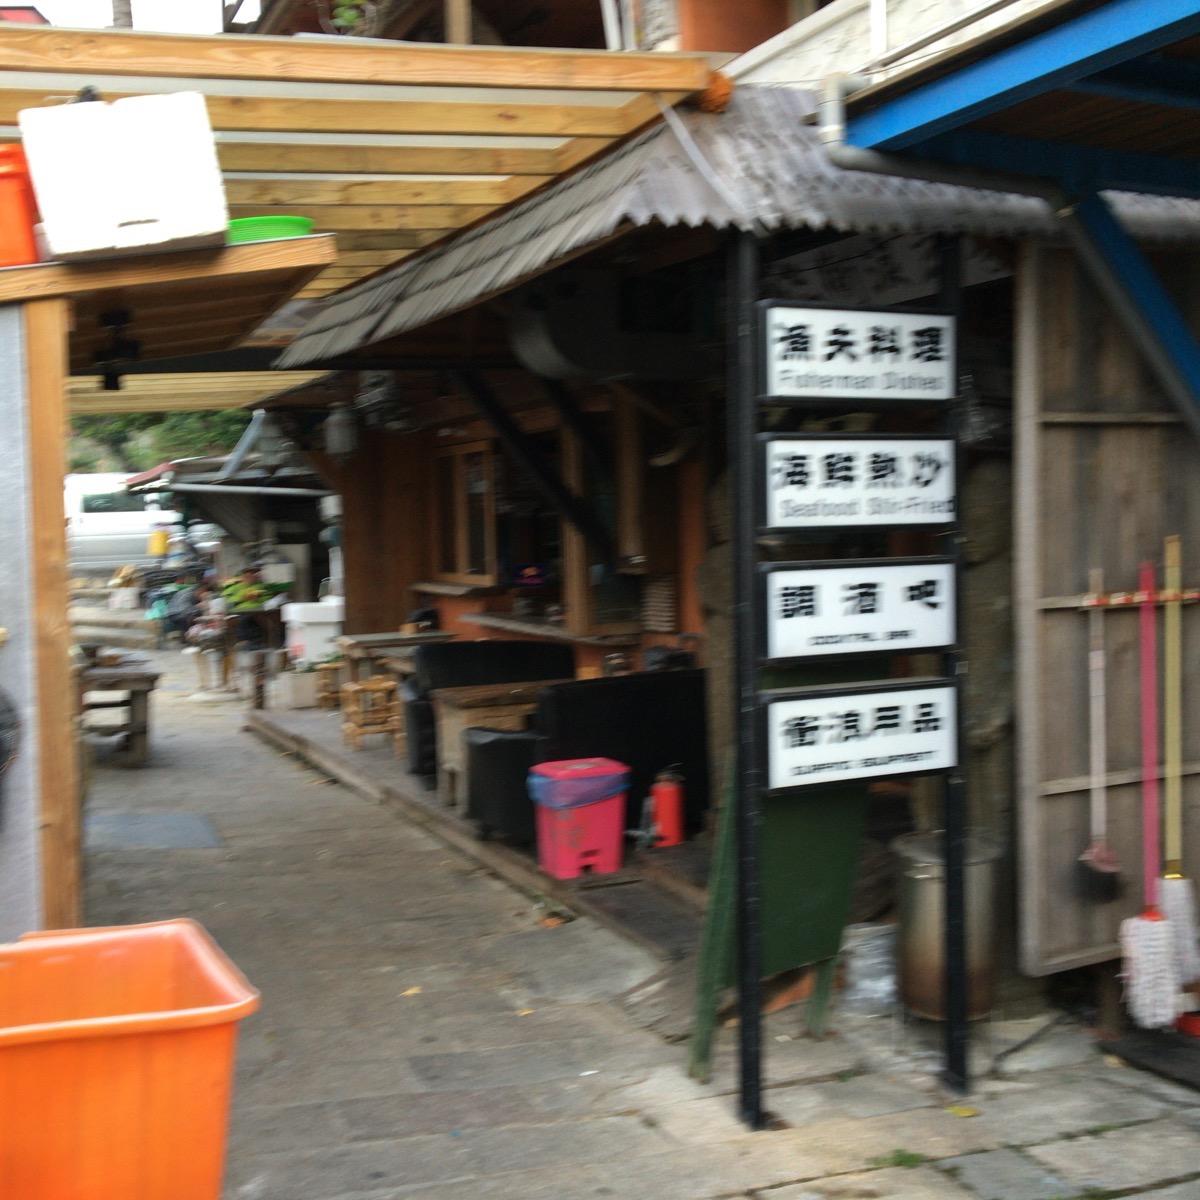 [安宿・ゲストハウスレビュー]台湾・墾丁にあるア フェイ サーフ イン I(A Fei Surf Inn I)は海が目の前にある素敵な宿